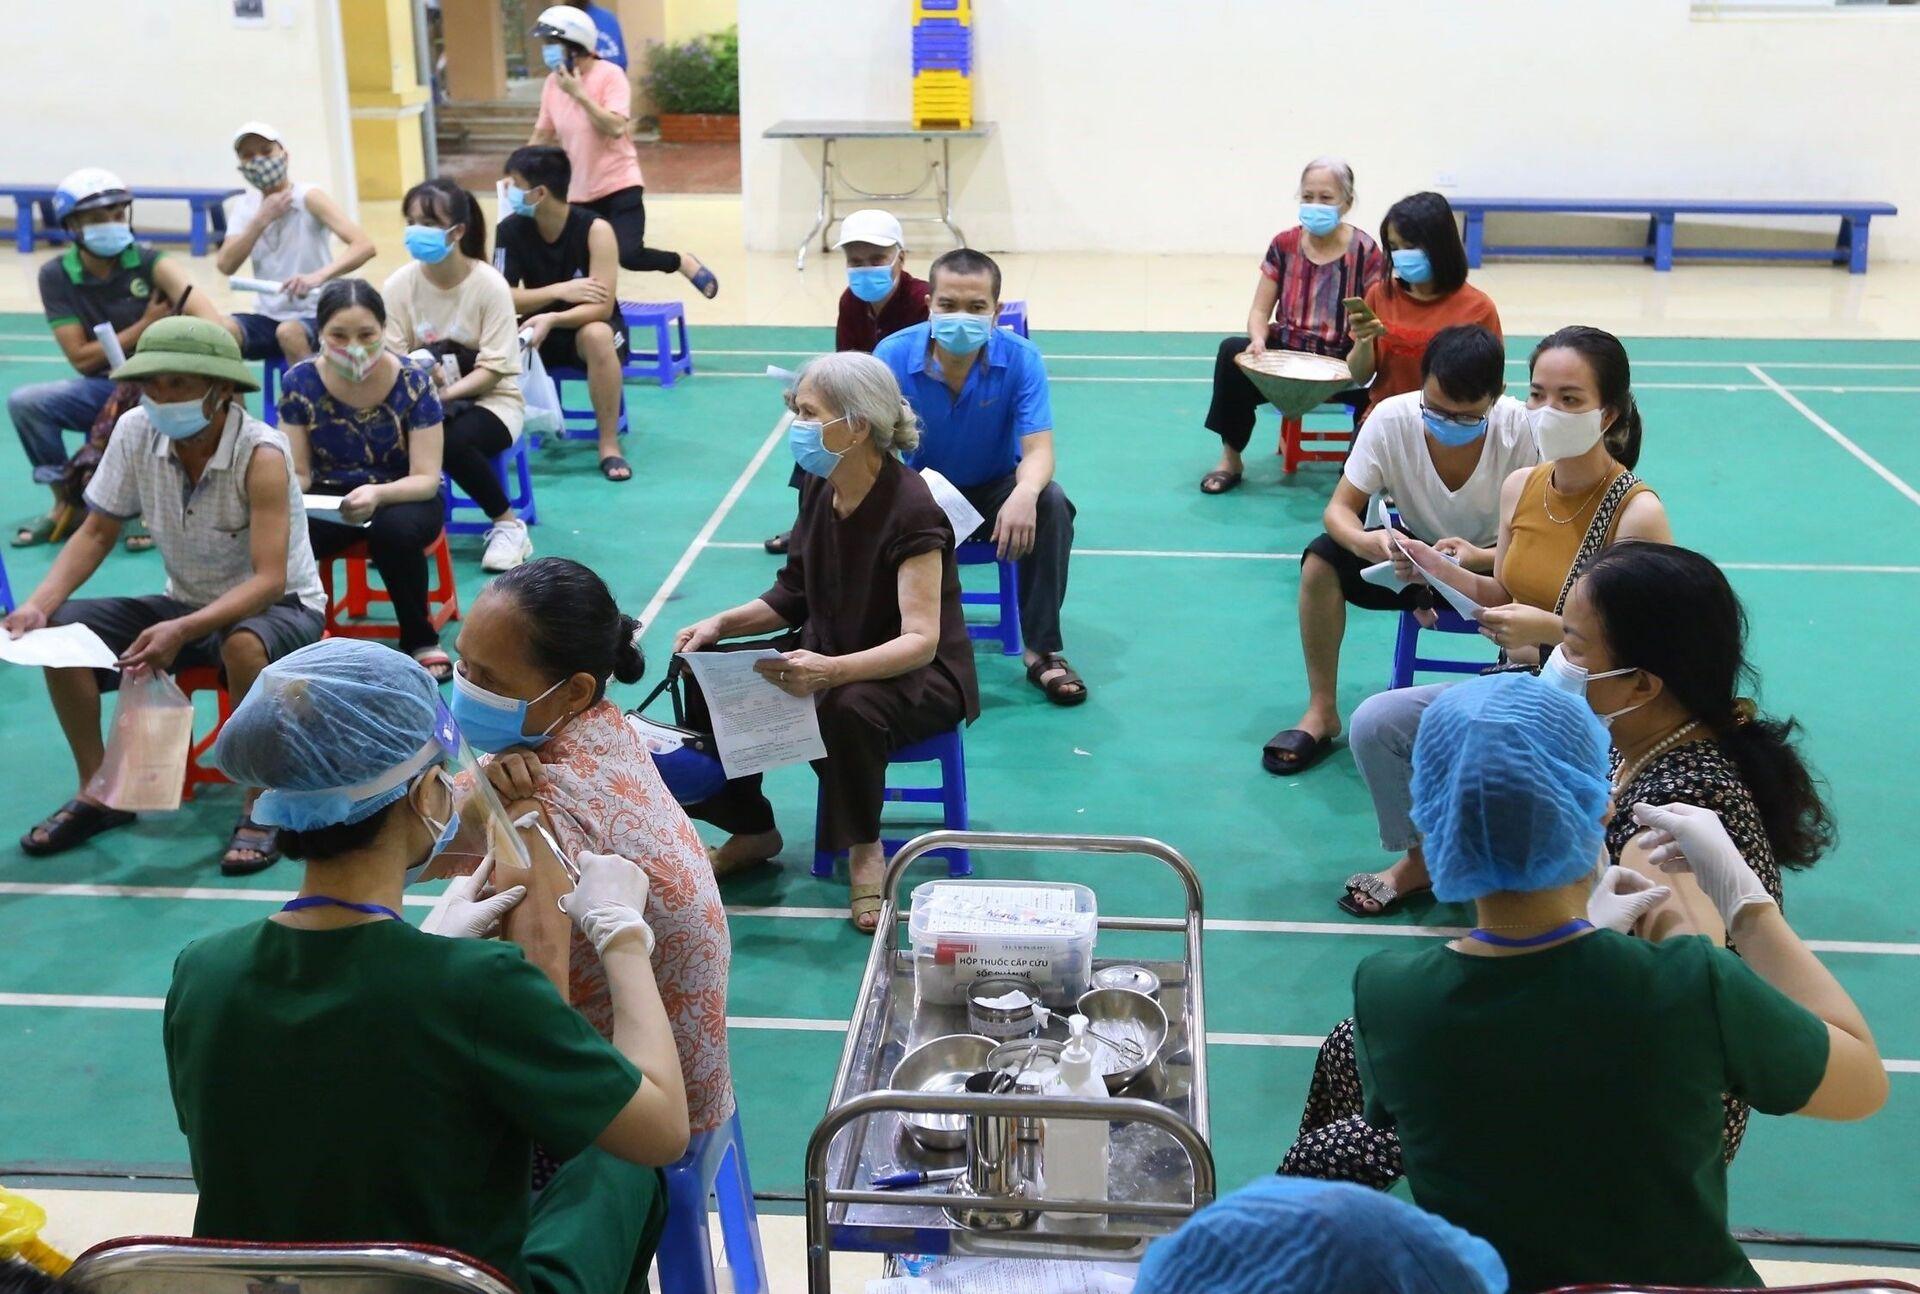 Sau khi tiêm vaccine Vero Cell (Sinopharm) mũi 1 sáng 14/9, dự kiến sau 4 tuần người dân phường Mễ Trì sẽ được tiêm nhắc lại mũi 2 - Sputnik Việt Nam, 1920, 05.10.2021